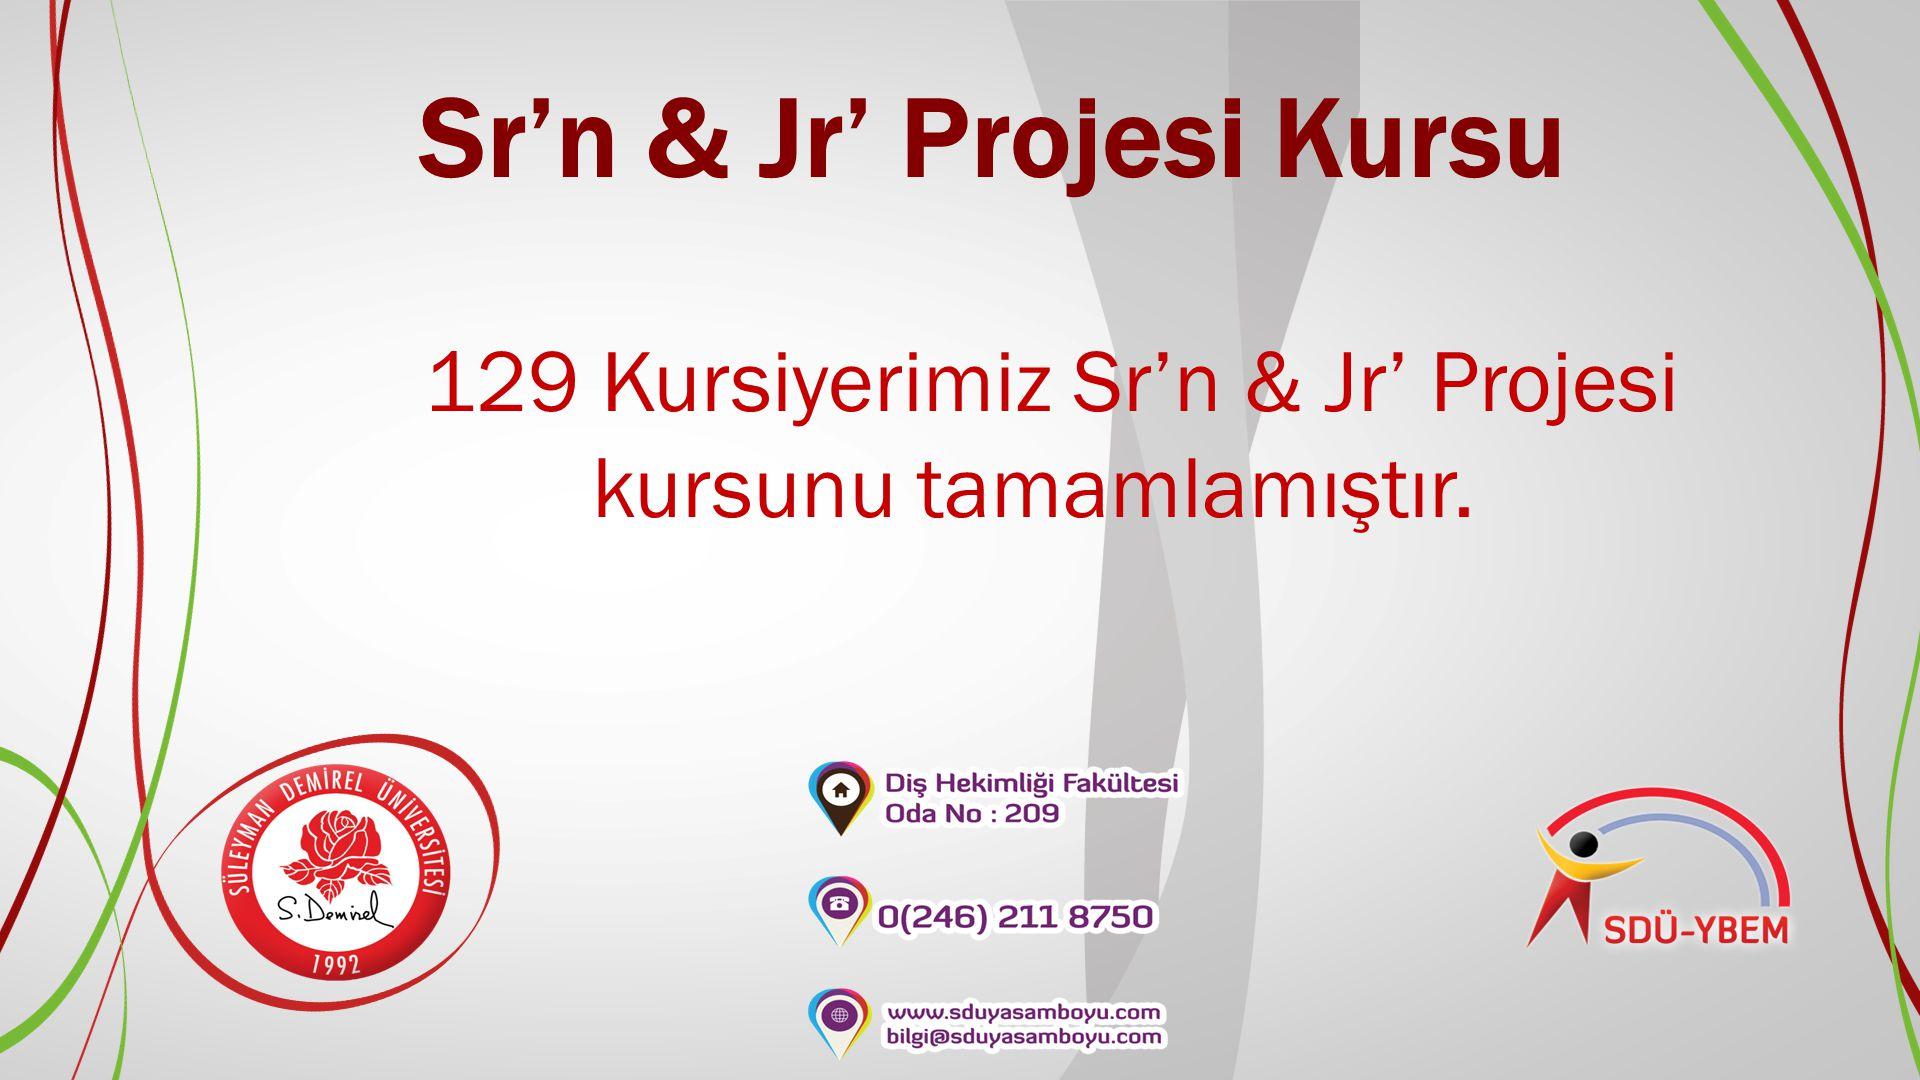 Sr'n & Jr' Projesi Kursu 129 Kursiyerimiz Sr'n & Jr' Projesi kursunu tamamlamıştır.